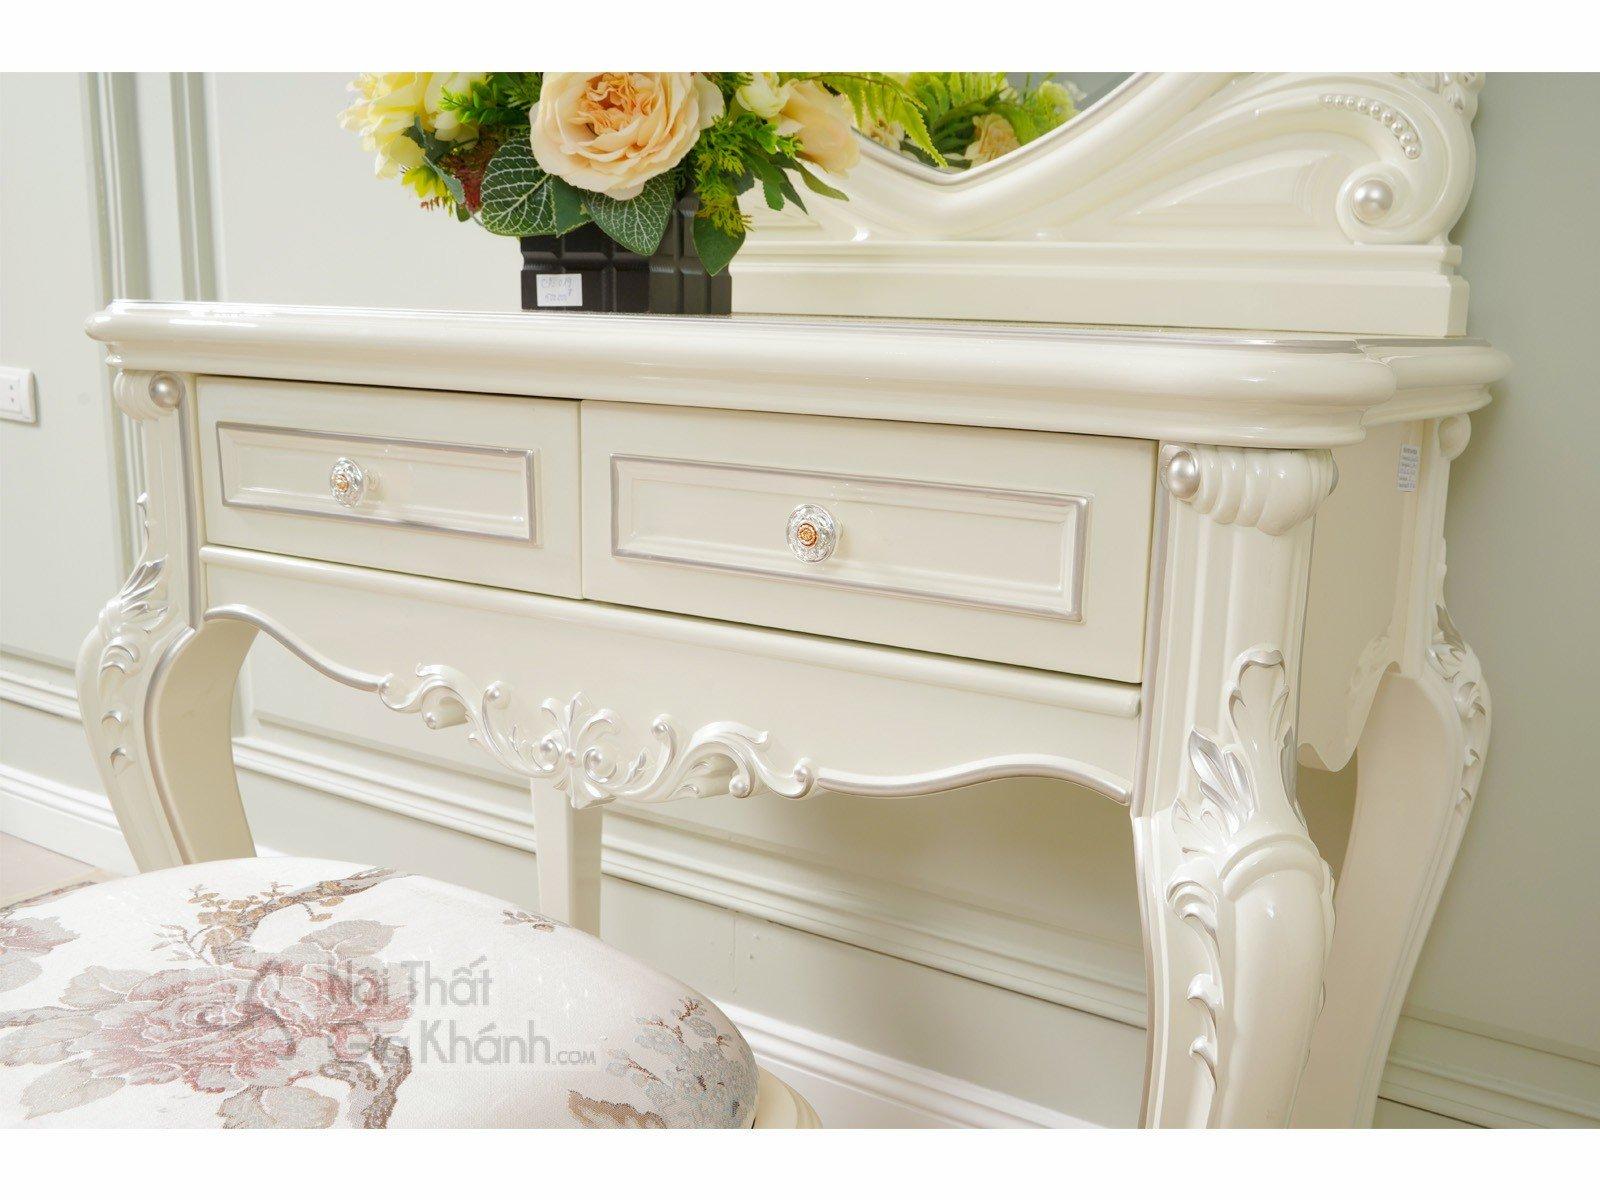 Bàn trang điểm cô dâu gỗ Sồi tự nhiên phong cách Pháp H8803C - bo ban trang diem H8803C 850x480x1630 5